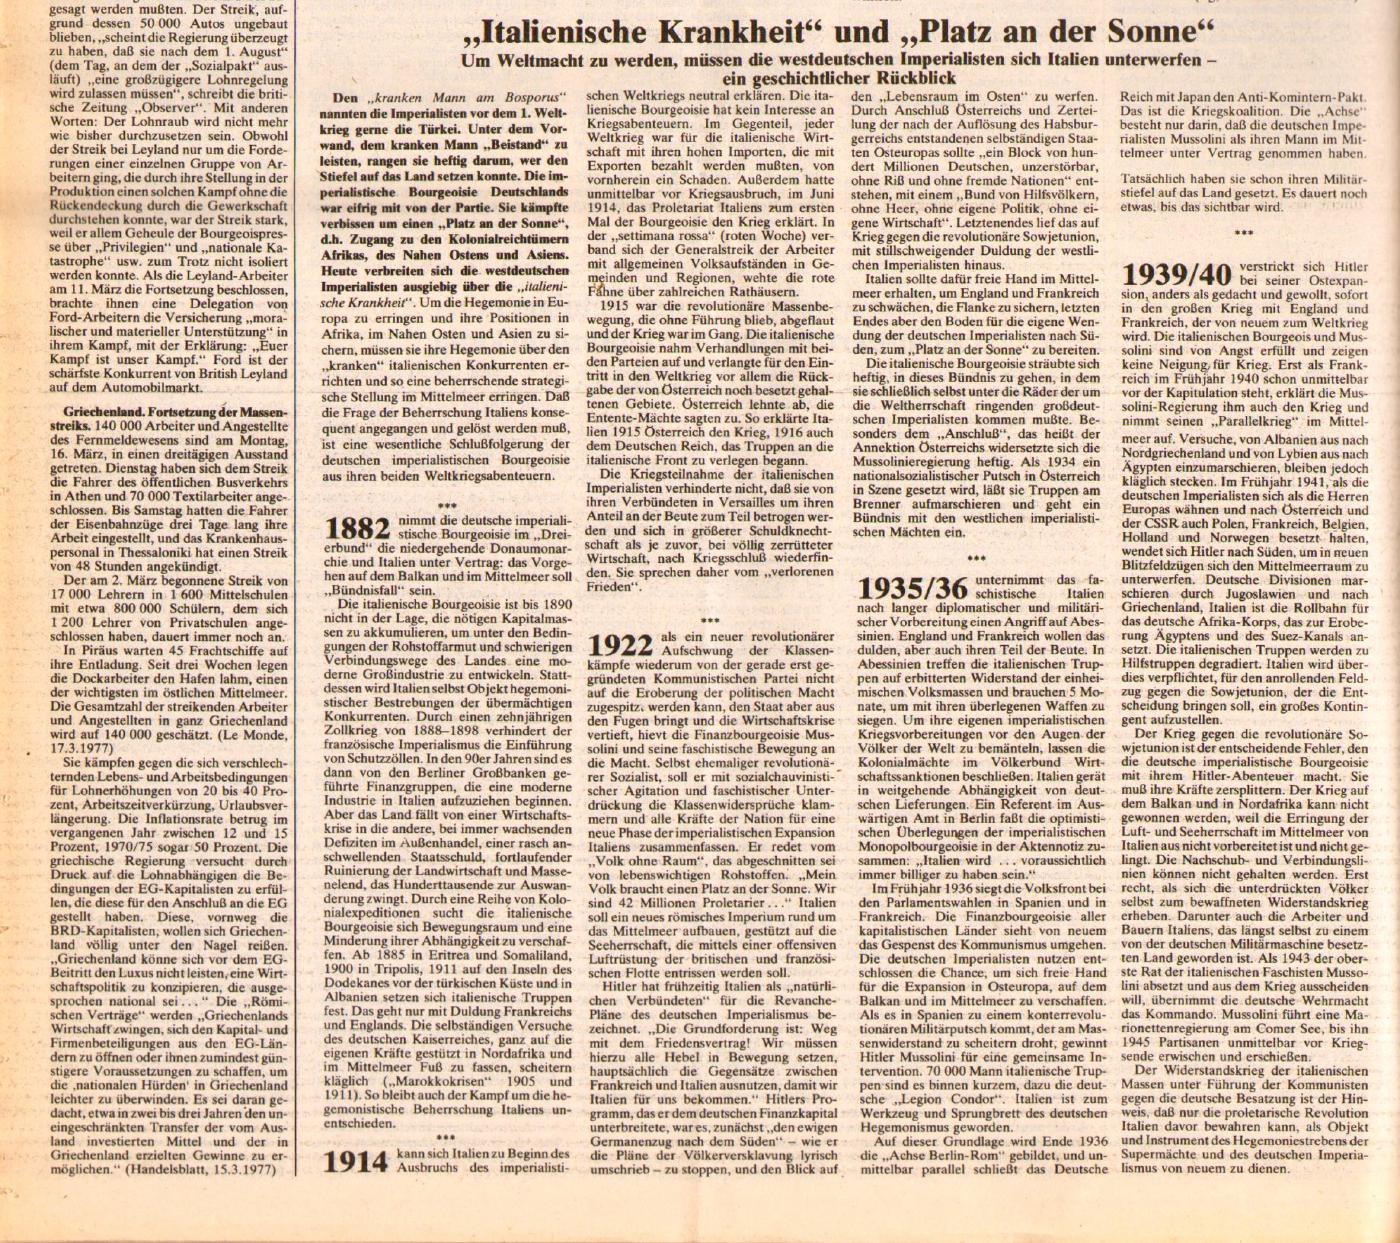 KVZ_Nord_1977_12_24